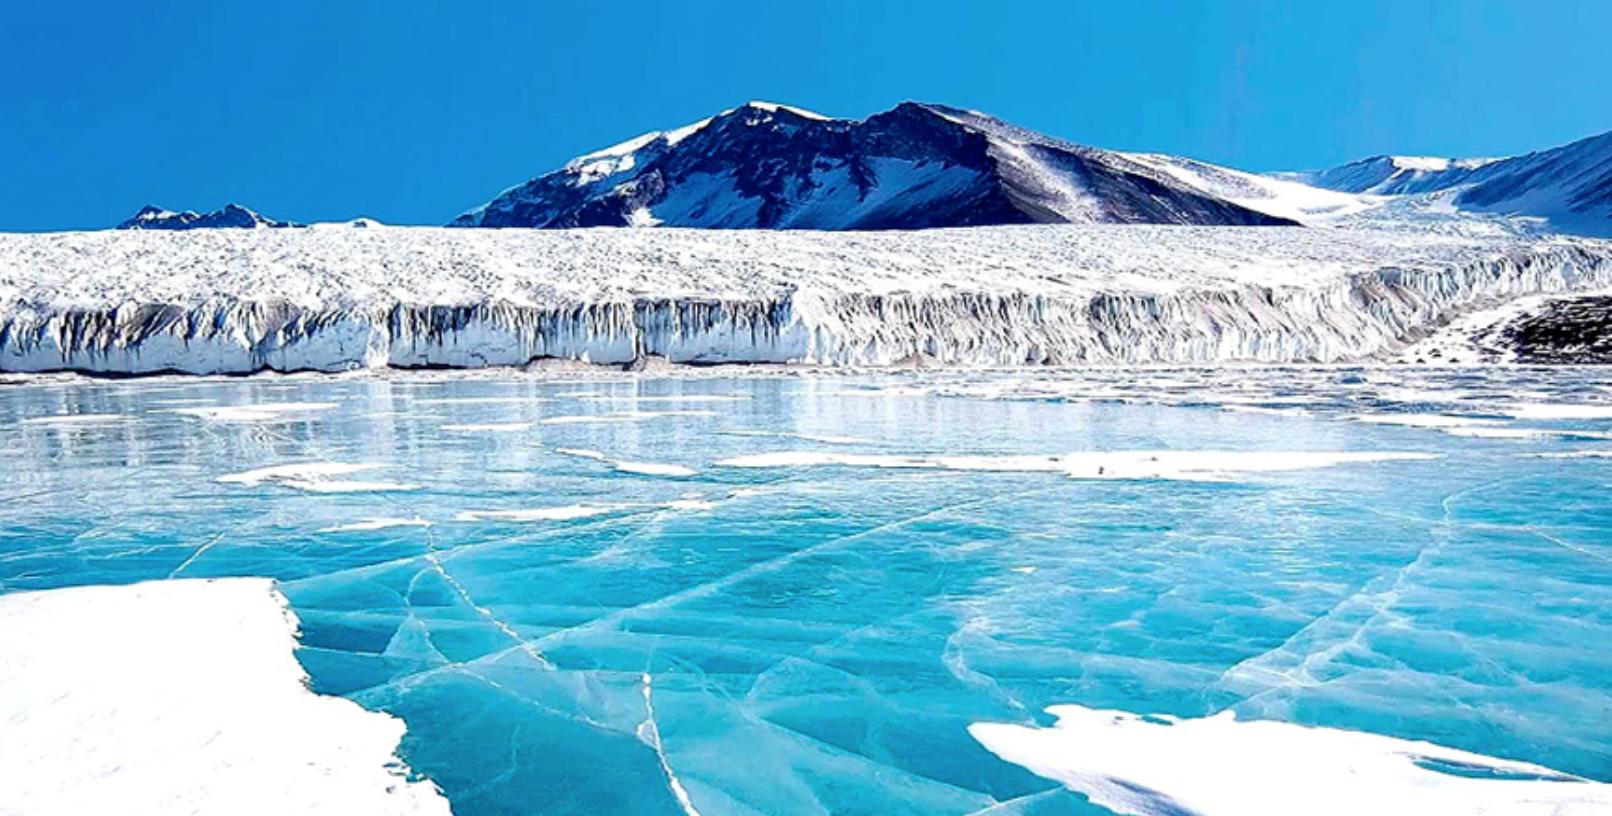 6 поразительных открытий в Антарктиде, о которых вы возможно не знали